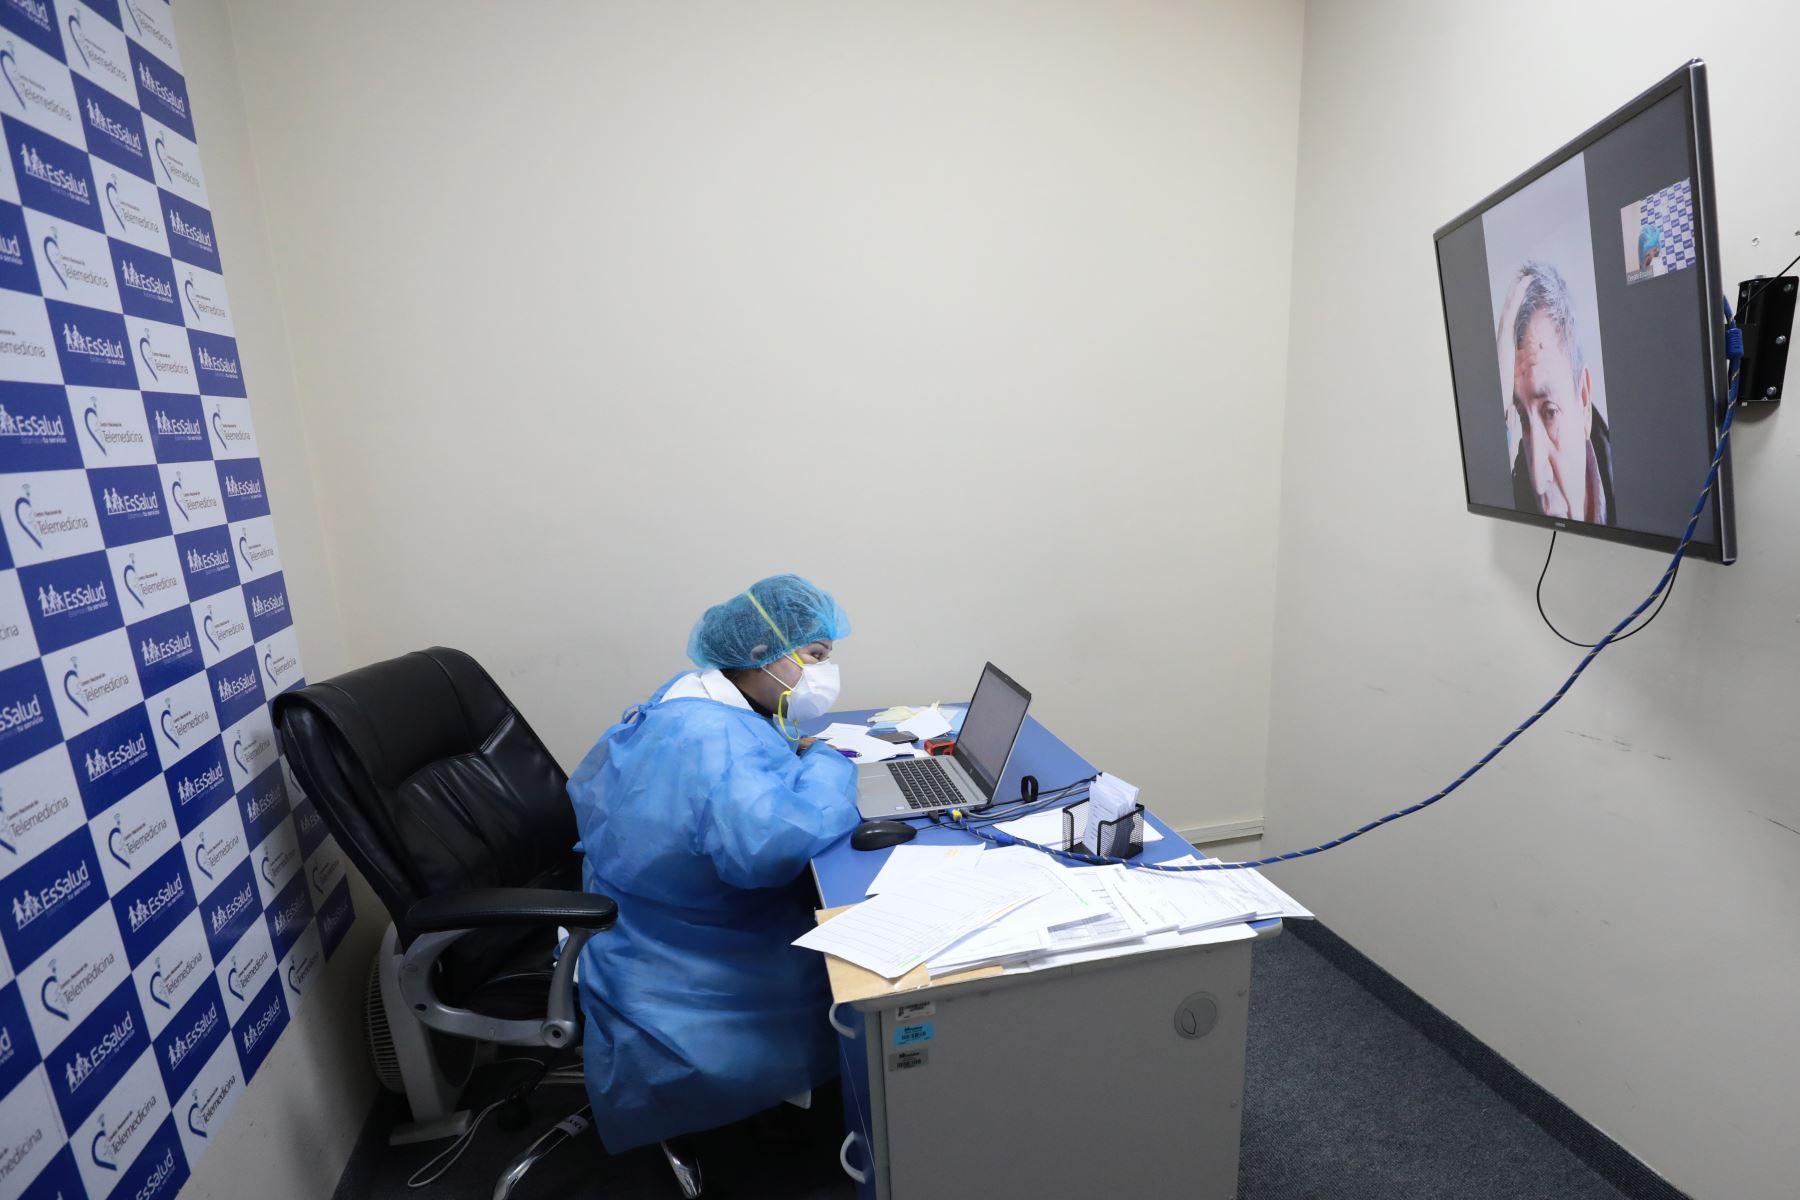 El personal médico realiza el monitoreo al paciente con resultado confirmado o sospecha de covid-19, a través del aplicativo de WhatsApp. Foto: Essalud